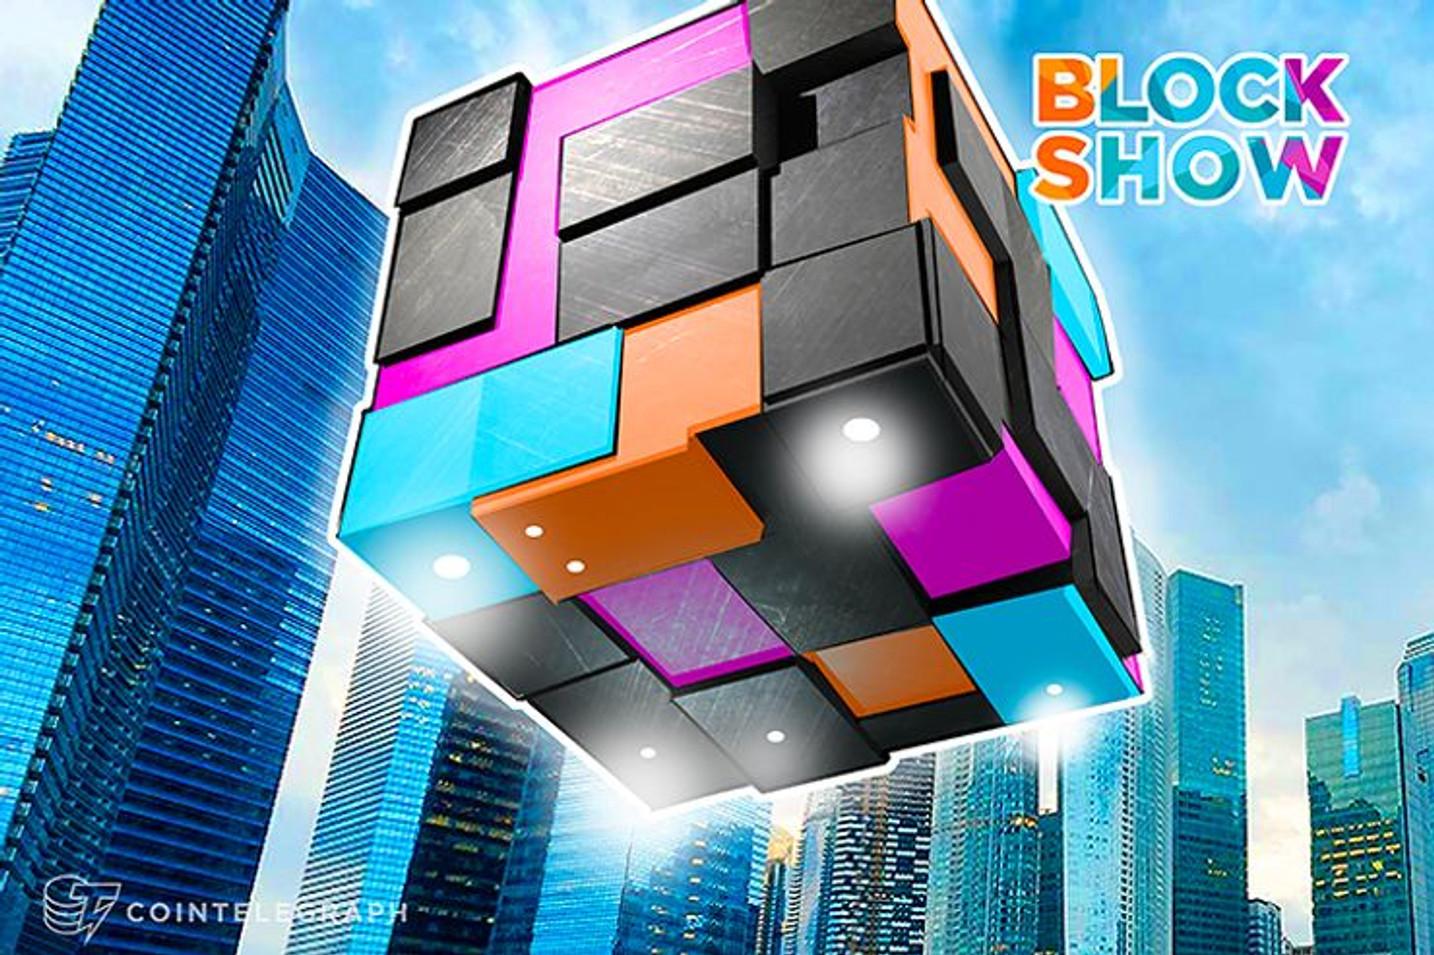 ブロックショー・アジア2018がシンガポールでスタート